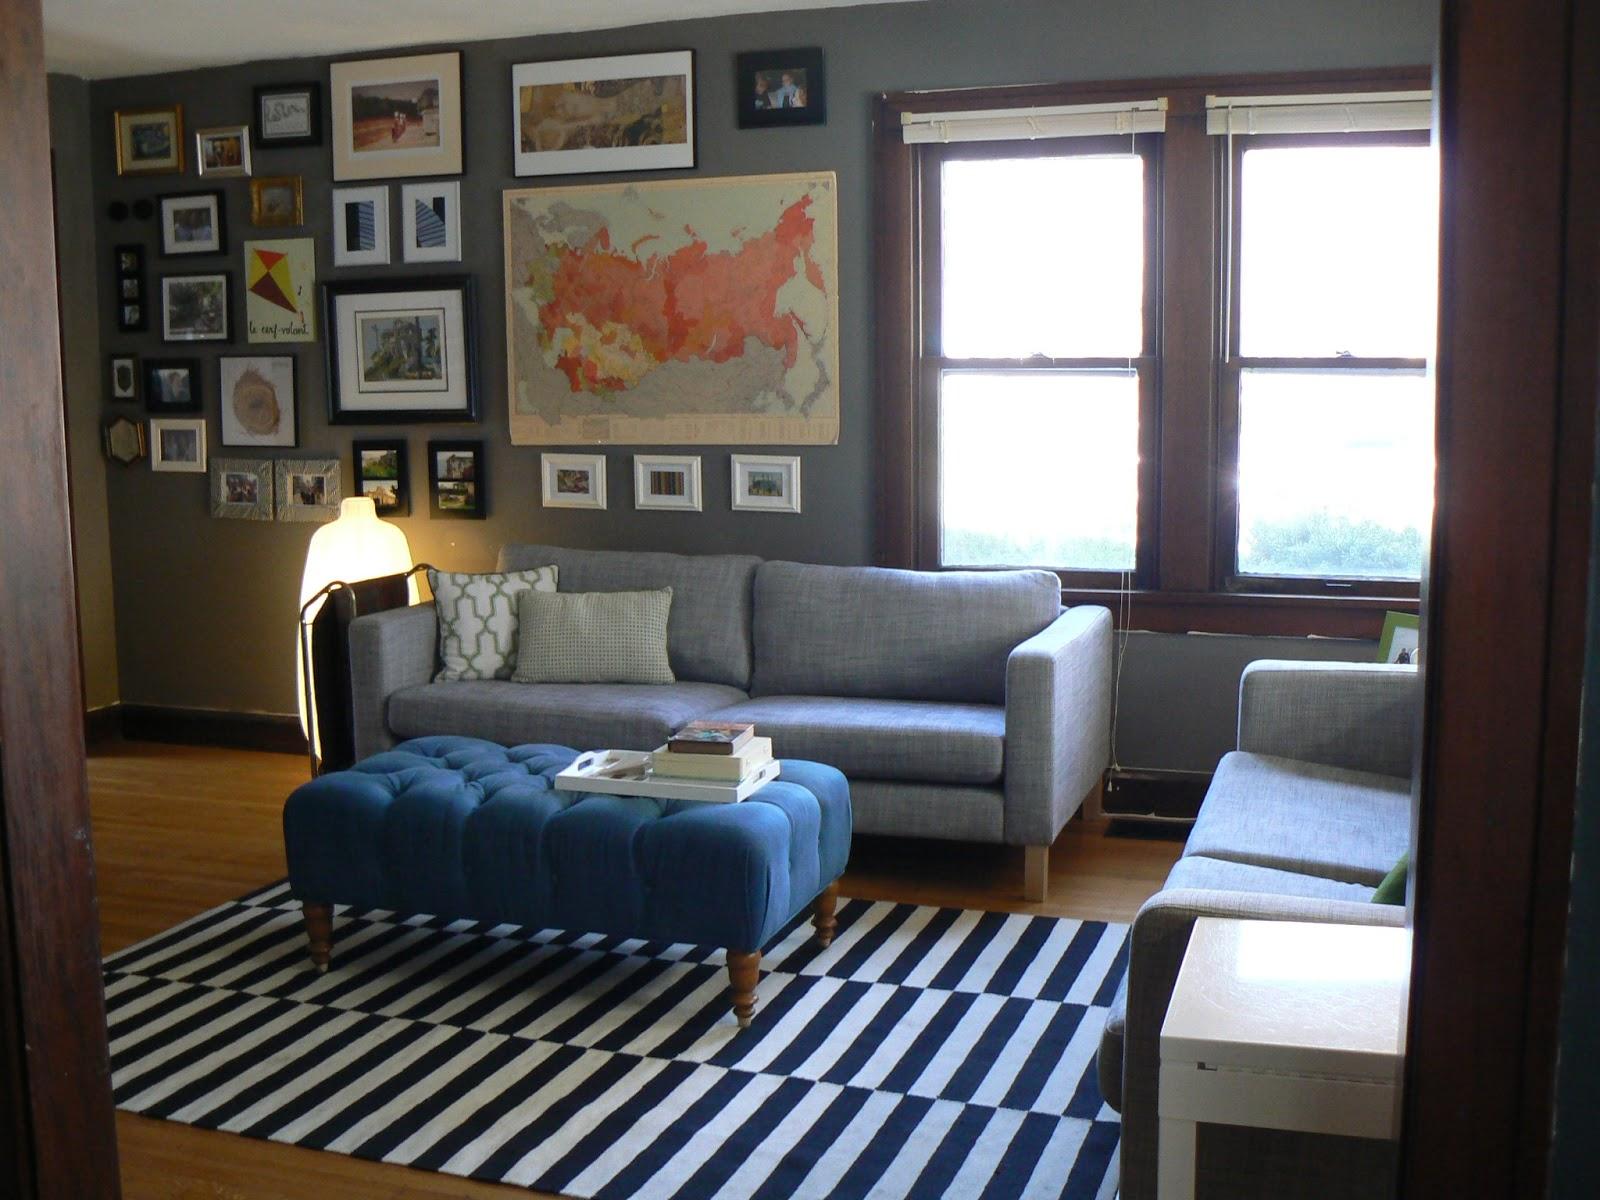 Karlstad Chair Cover Isunda Gray Slipcovers For Slipper Chairs Ikea Little House Design